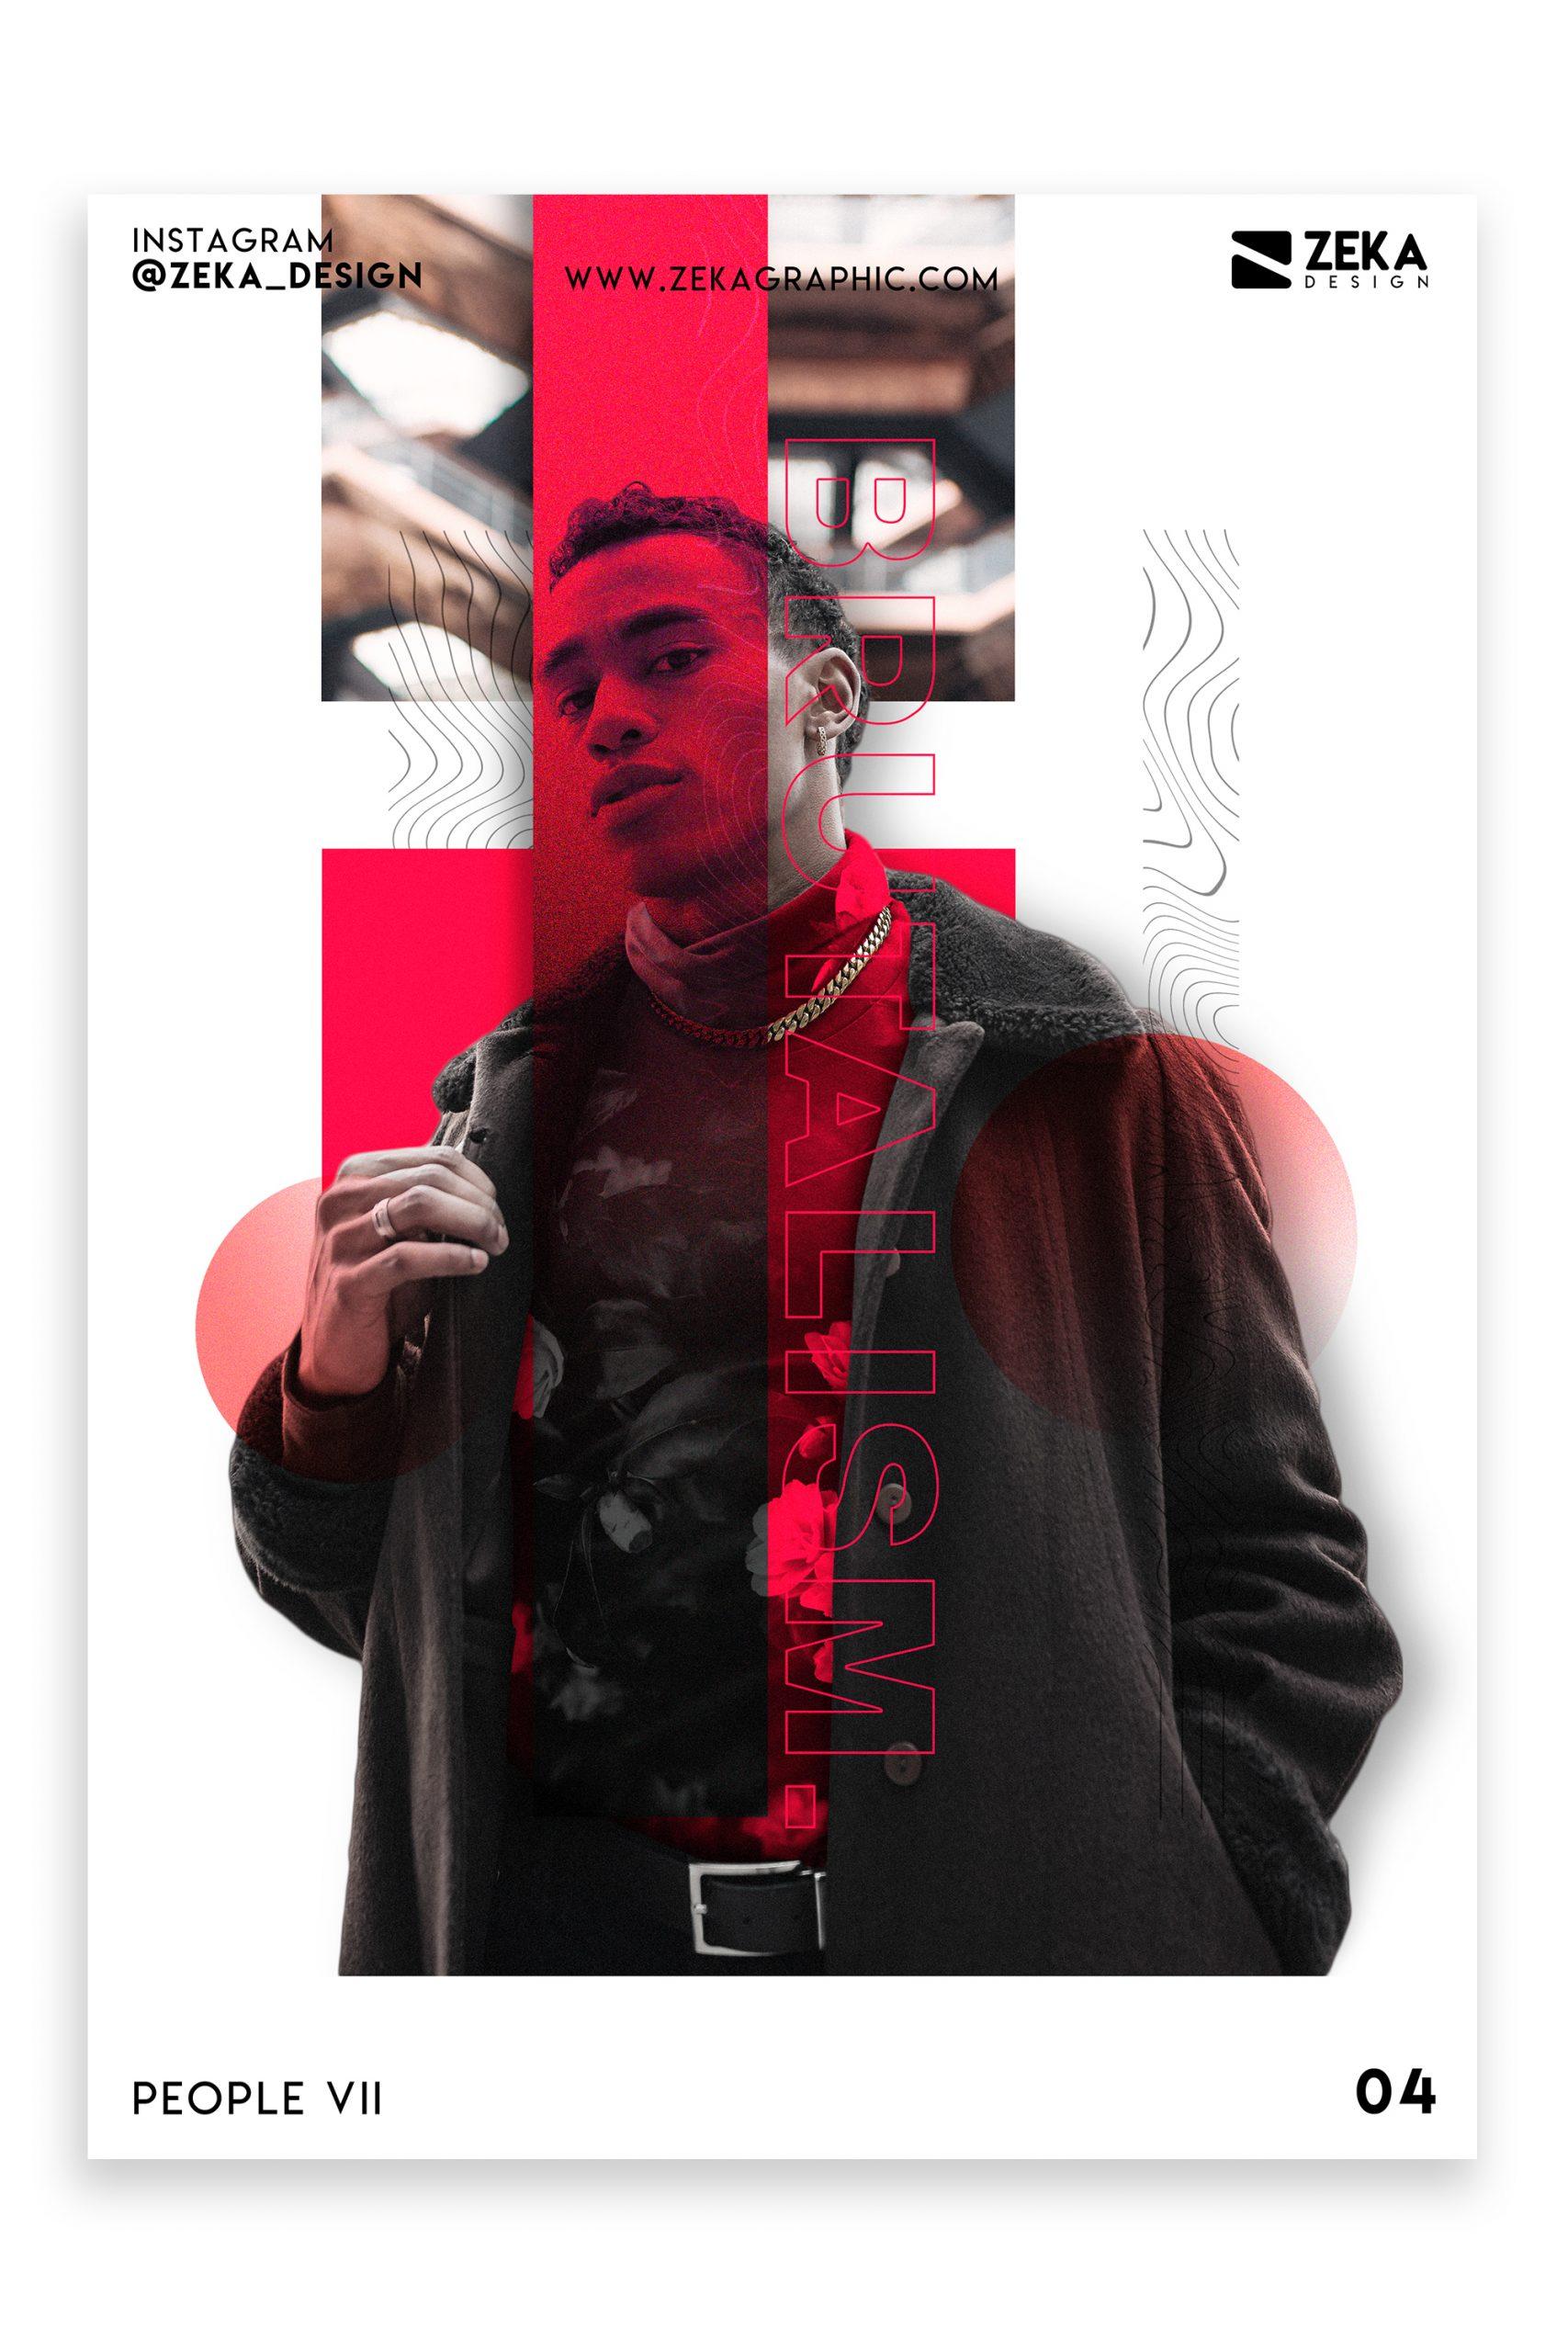 People VII Poster Design Inspiration Graphic Design Portfolio 4